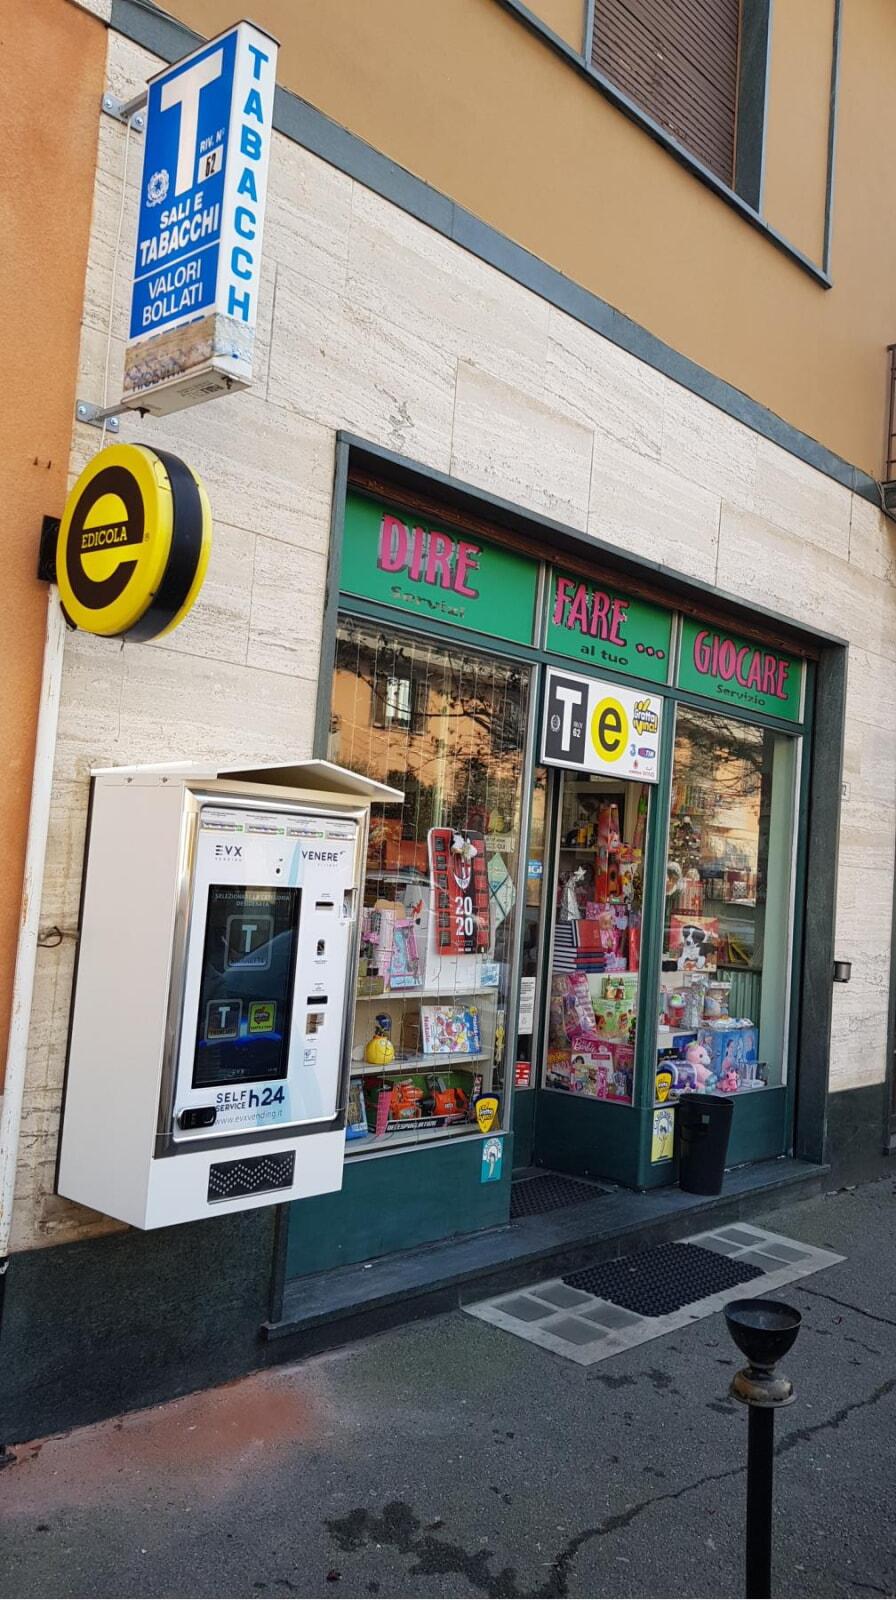 distributore-automatico-sigarette-evx-venere_+plus (12)